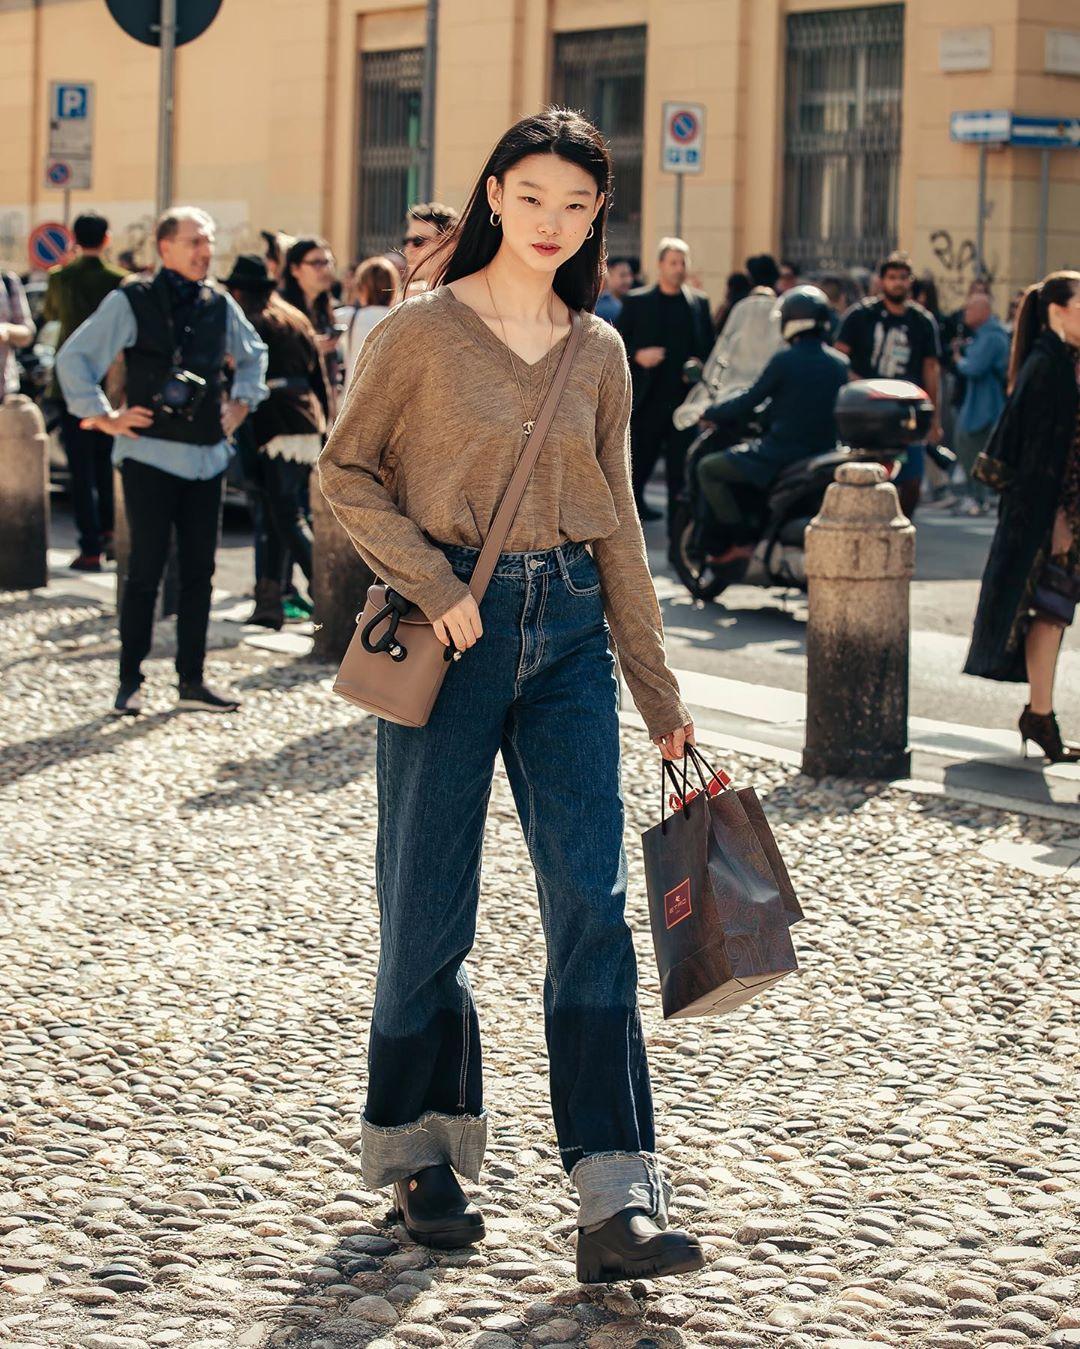 Áo thun sơ vin quần jeans ống rộng